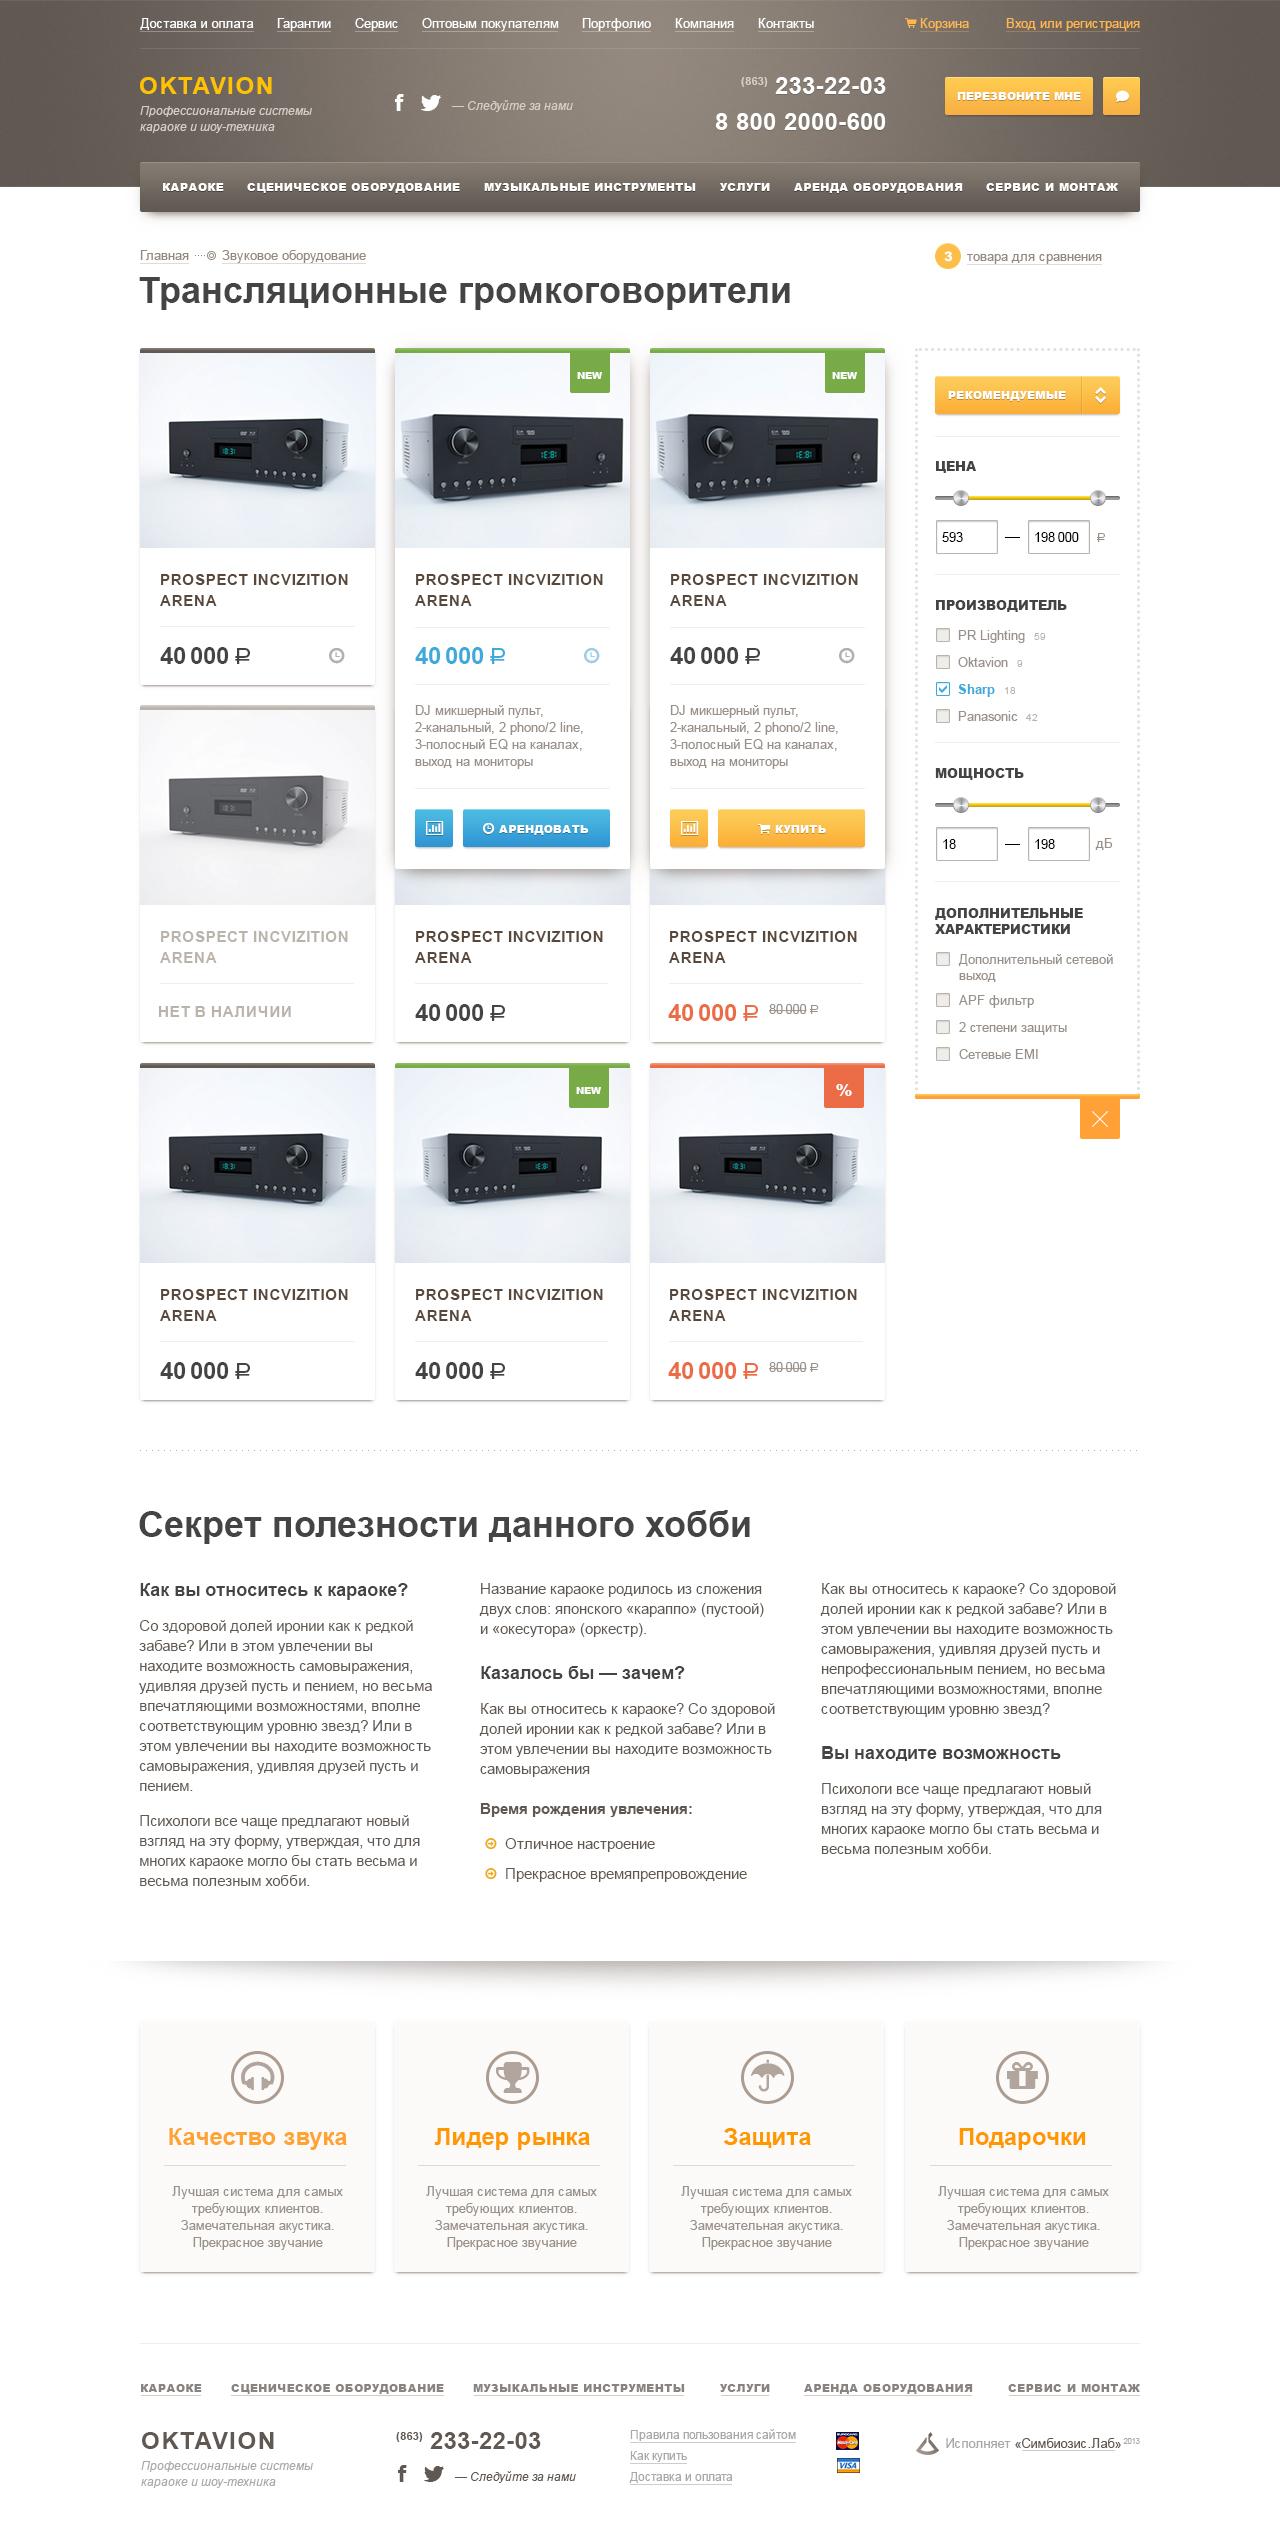 Портфолио  Скоробогатько Николай  Дизайнер › Octavion